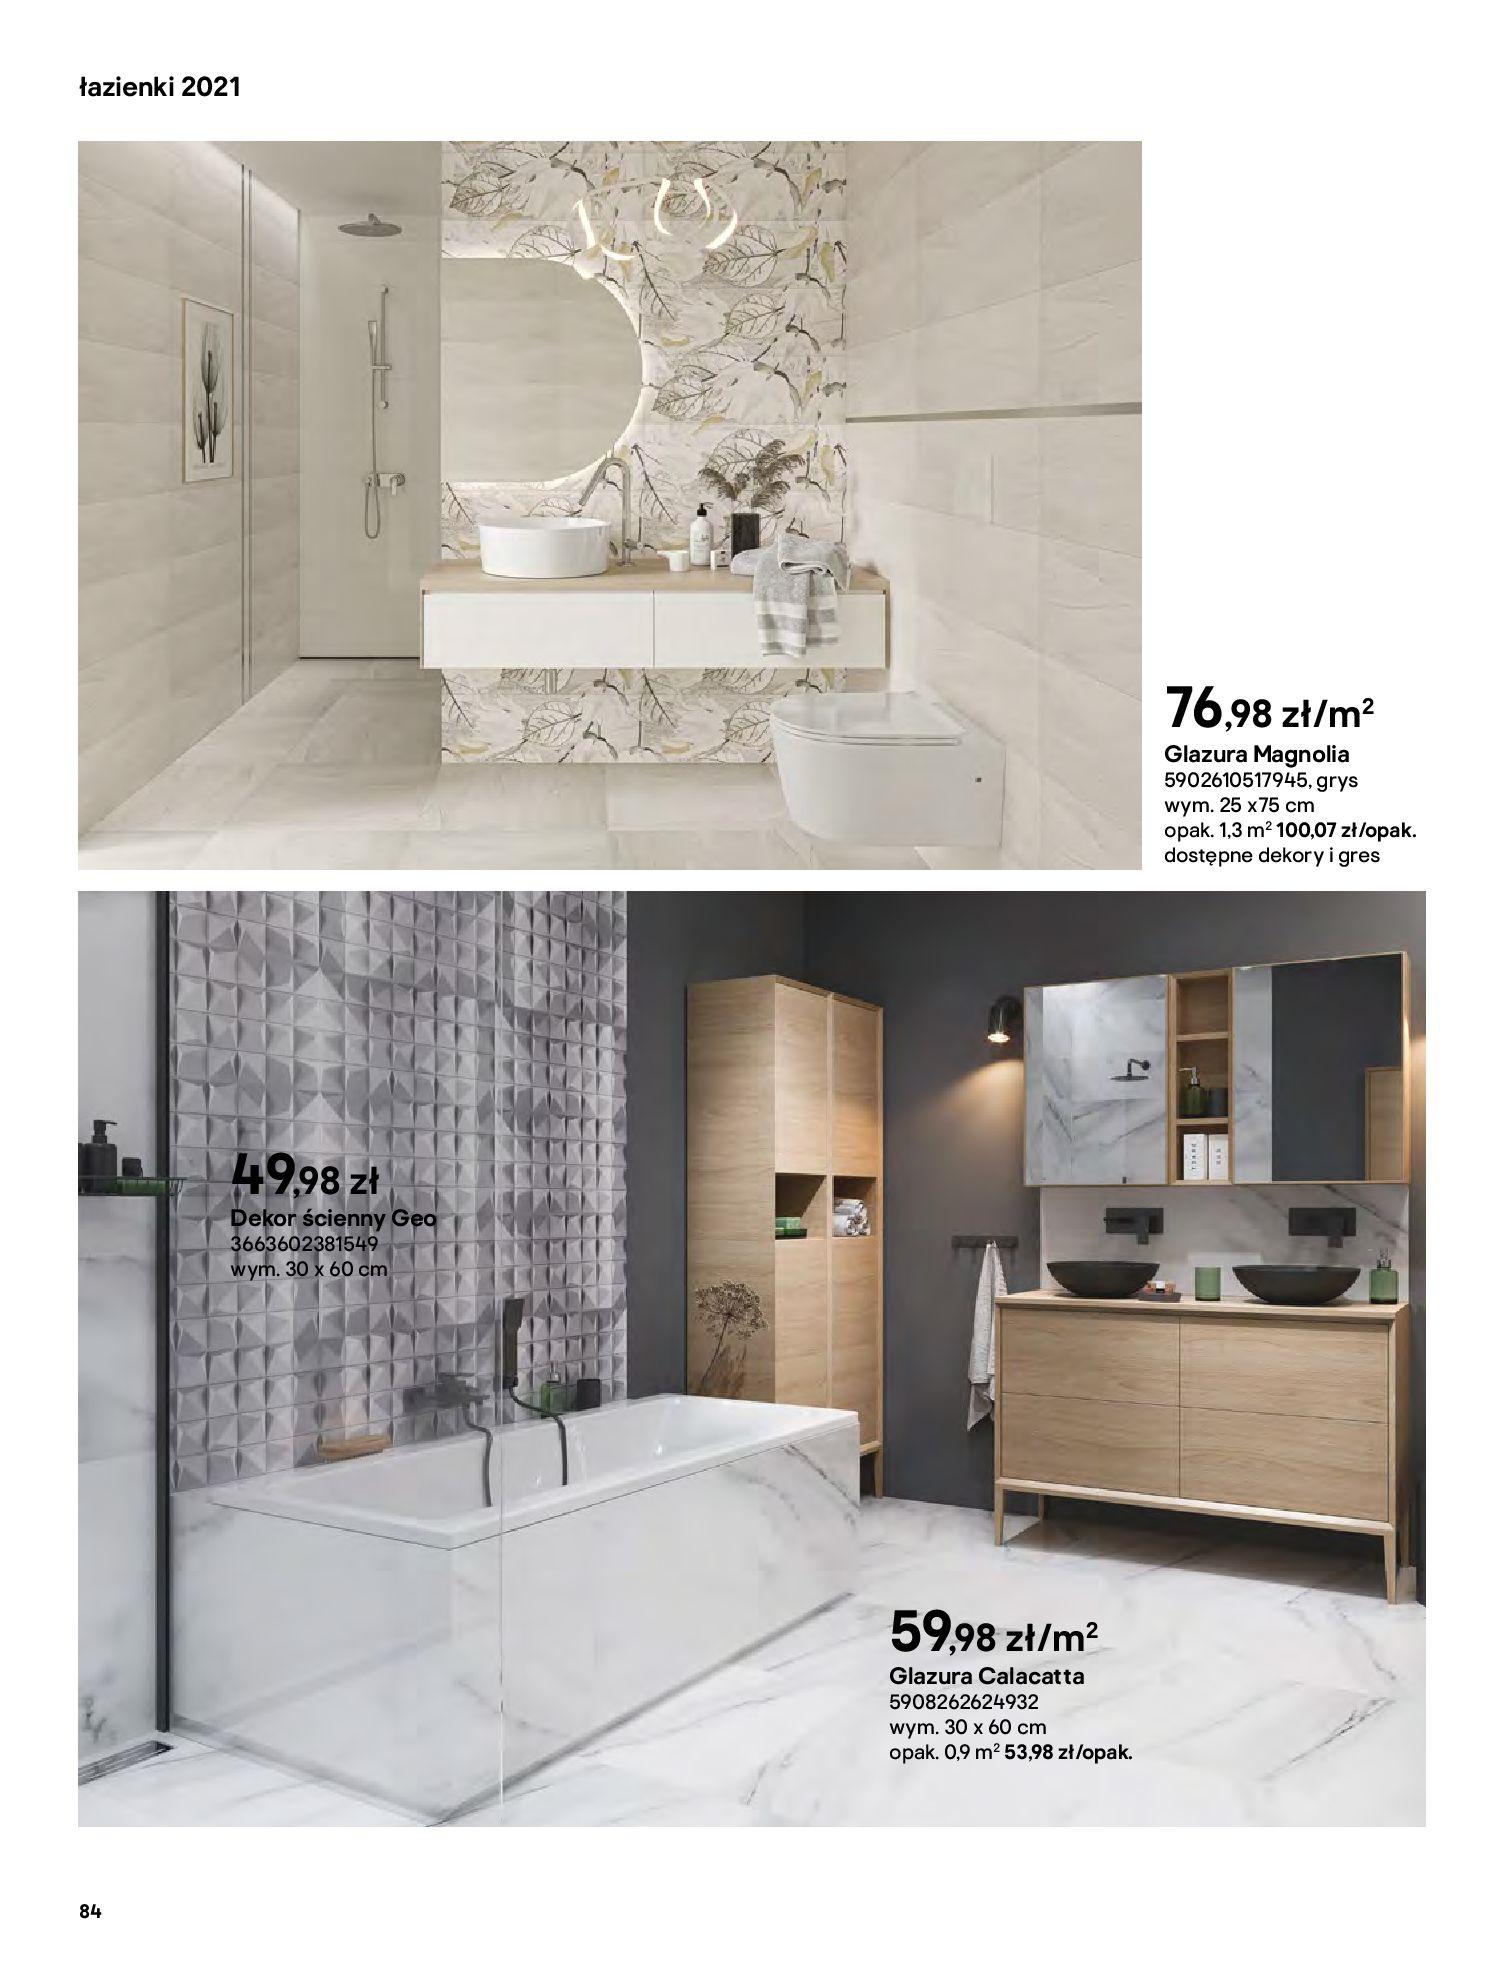 Gazetka Castorama: Gazetka Castorama - katalog łazienki 2021 2021-06-16 page-84